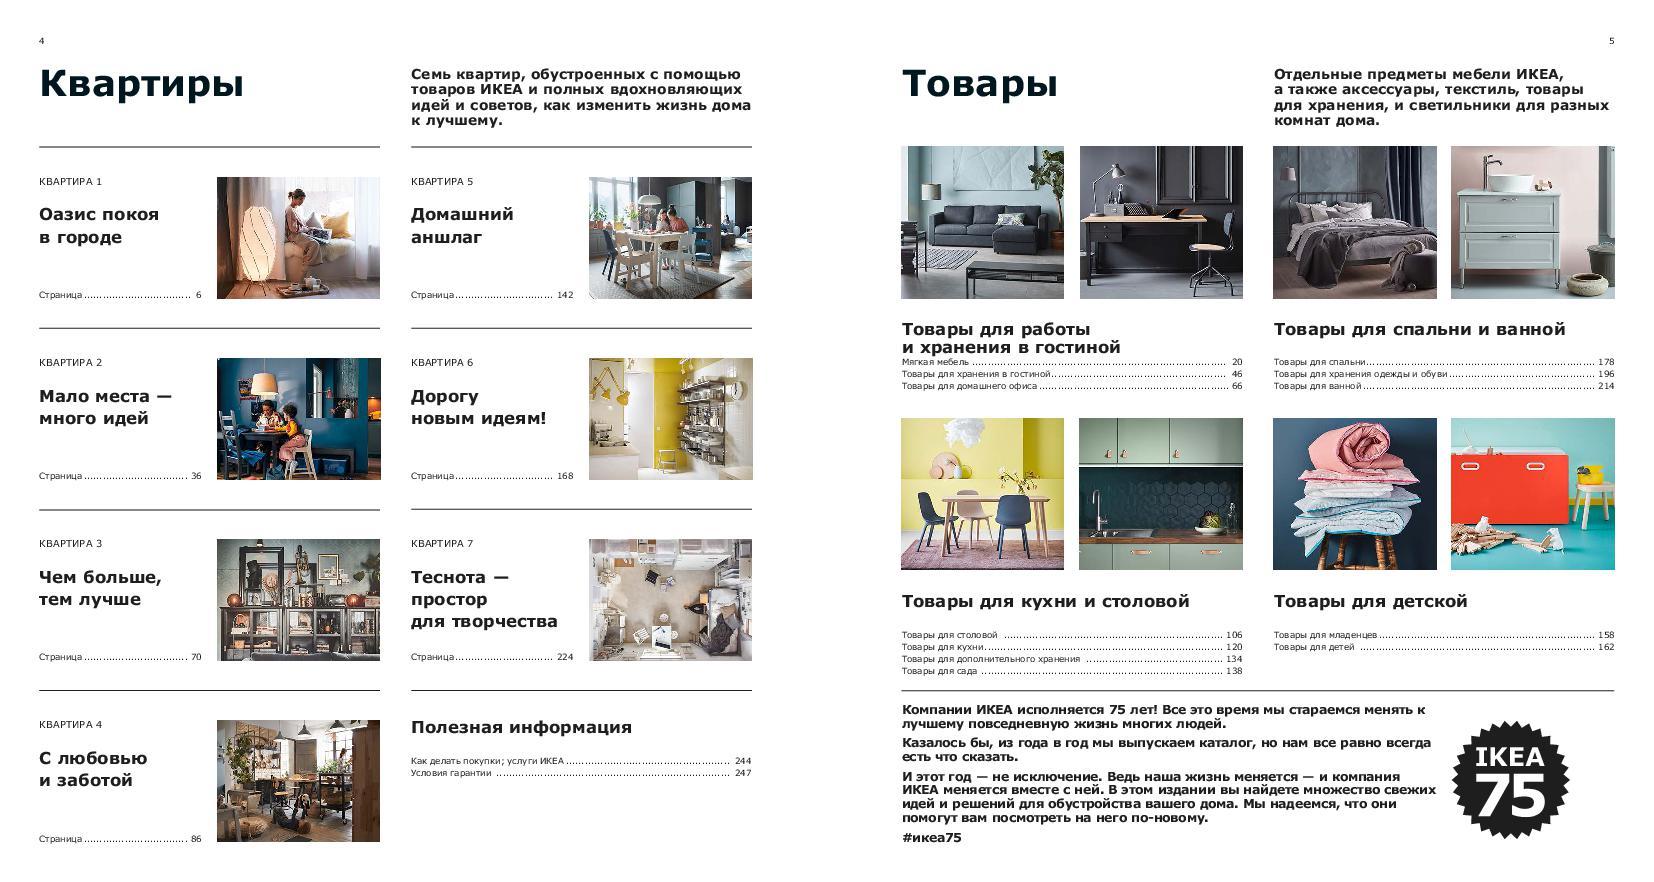 IKEA_catalogue_2019-03